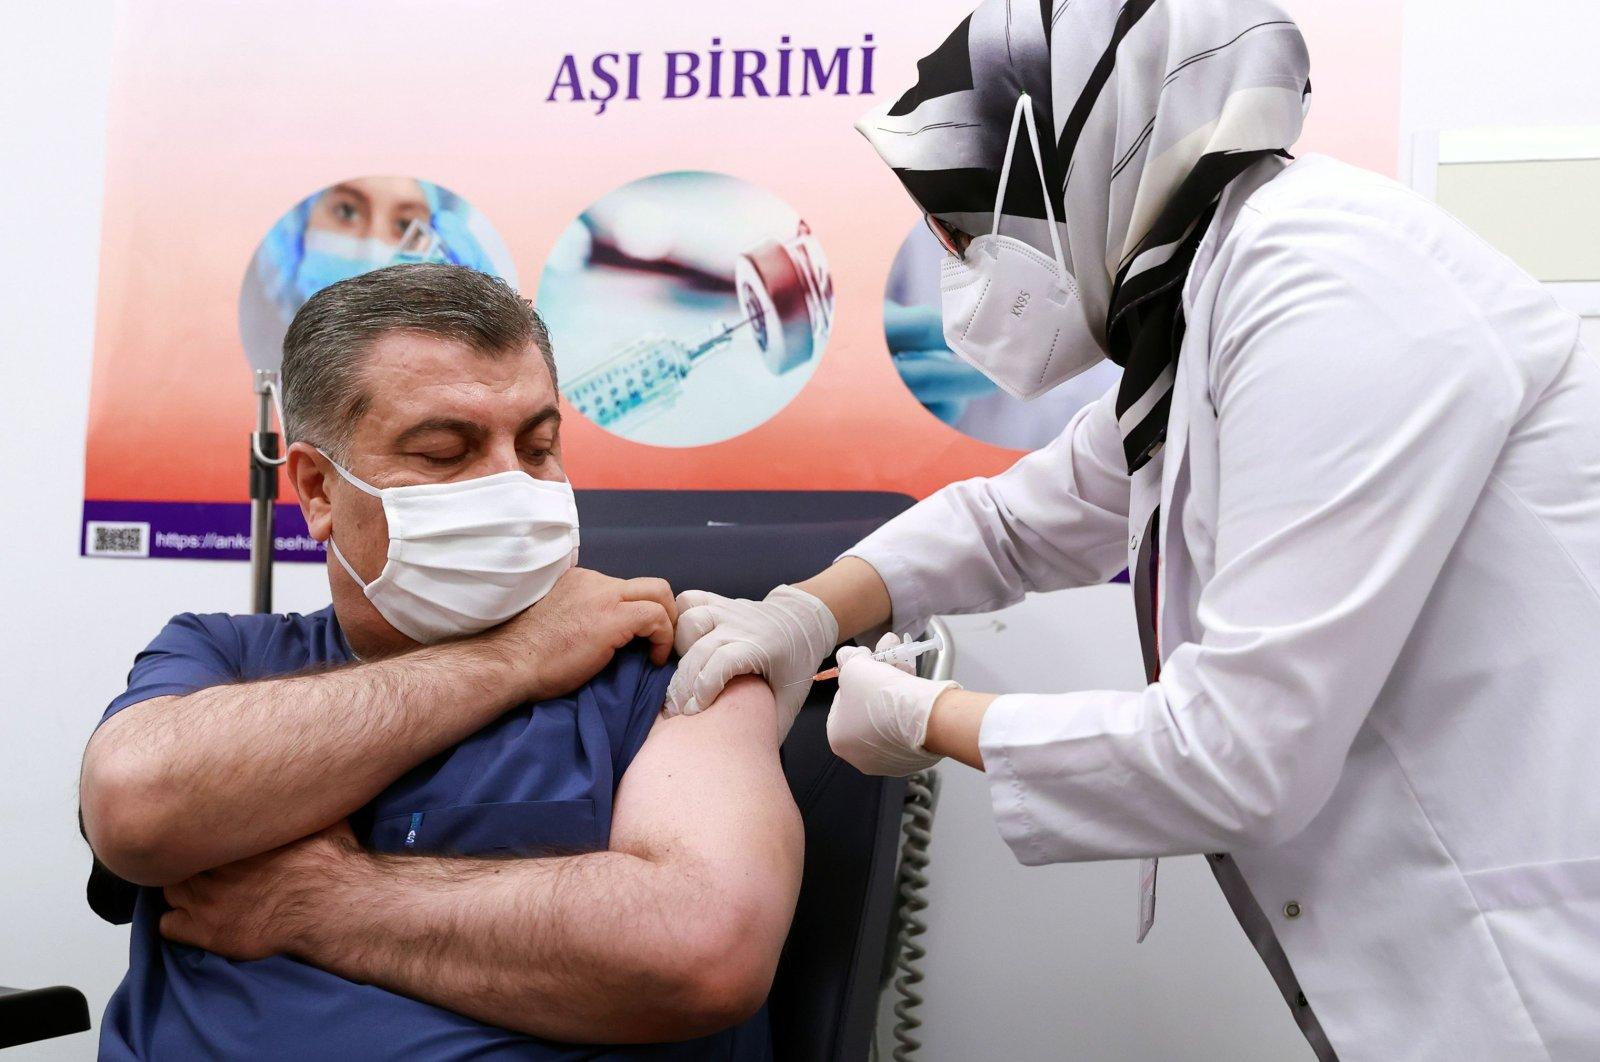 Turkey's Health Minister Fahrettin Koca receives a dose of Sinovac's COVID-19 vaccine at Ankara City Hospital, in Ankara, Turkey, Jan. 13, 2021. (AFP Photo)